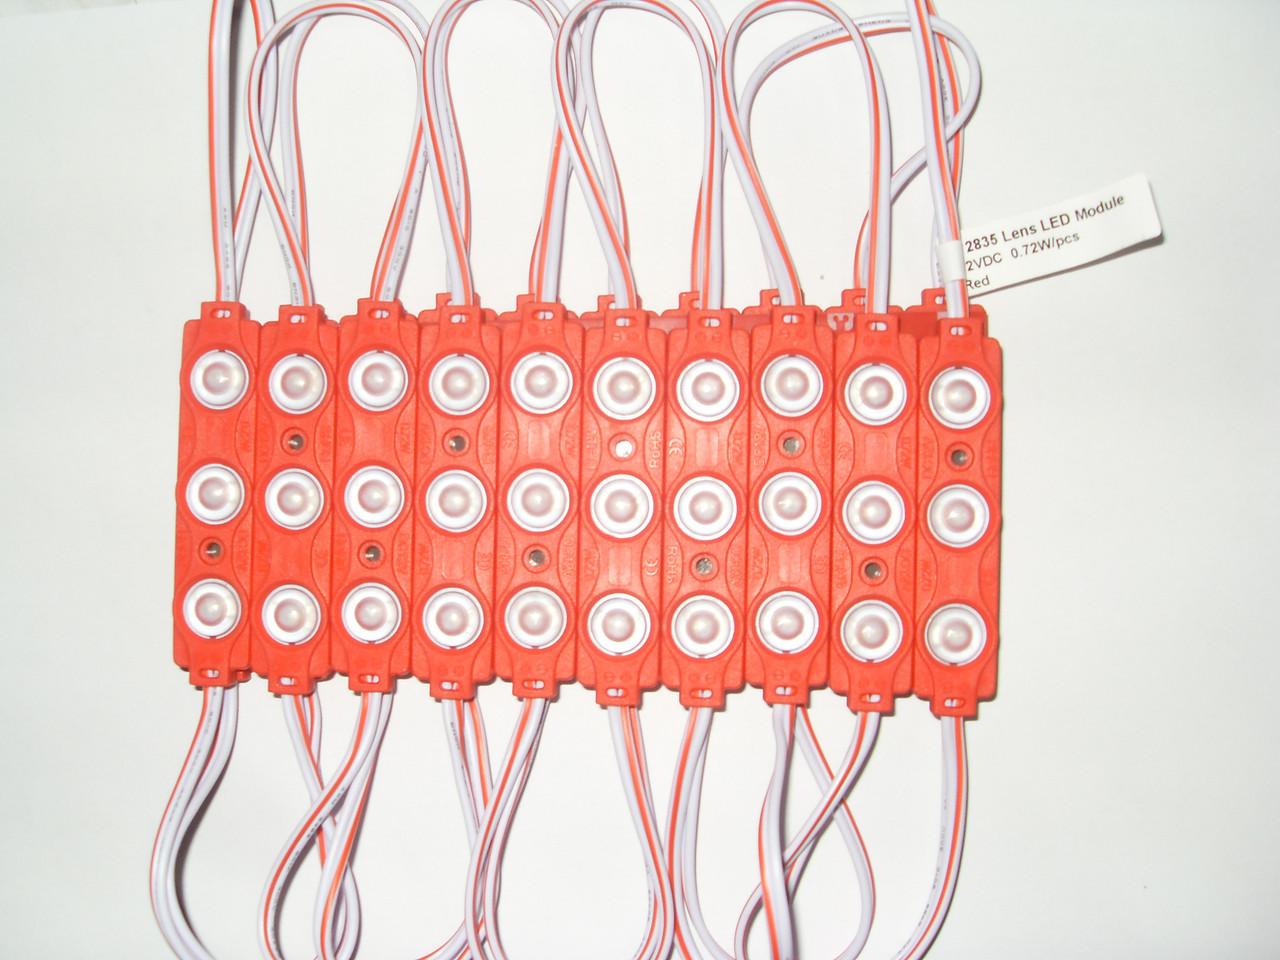 Модуль світлодіодний червоний 0.72Вт 12 вольт три світлодіоди 2835 з лінзою кластер 12 вольт